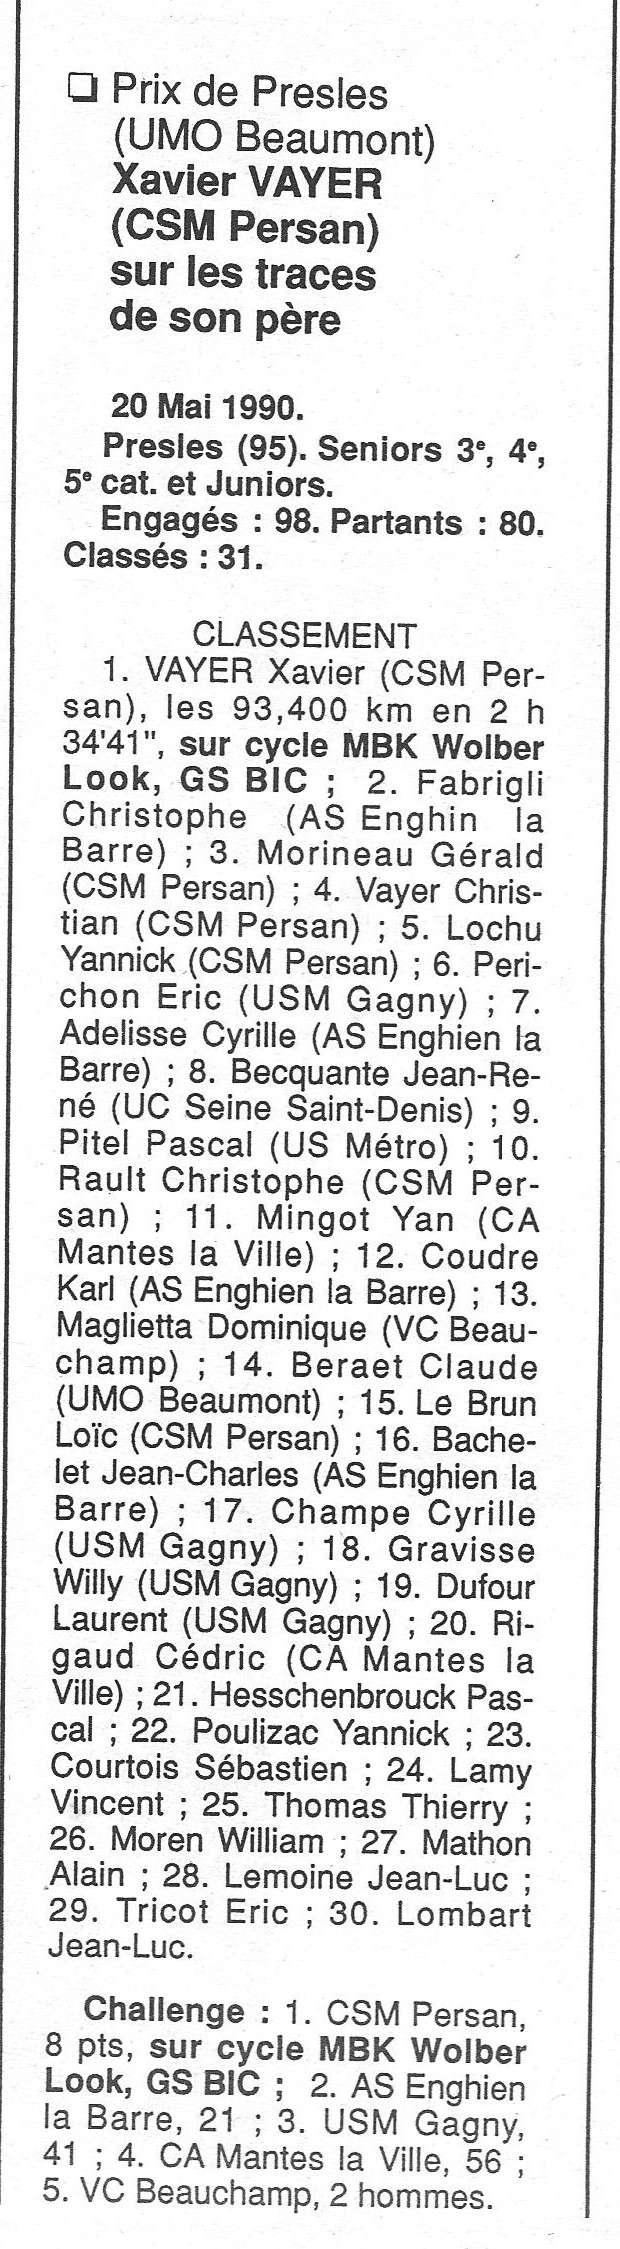 CSM.Persan. BIC. Toute une époque de janvier 1990 à novembre 2007 - Page 2 1990_115